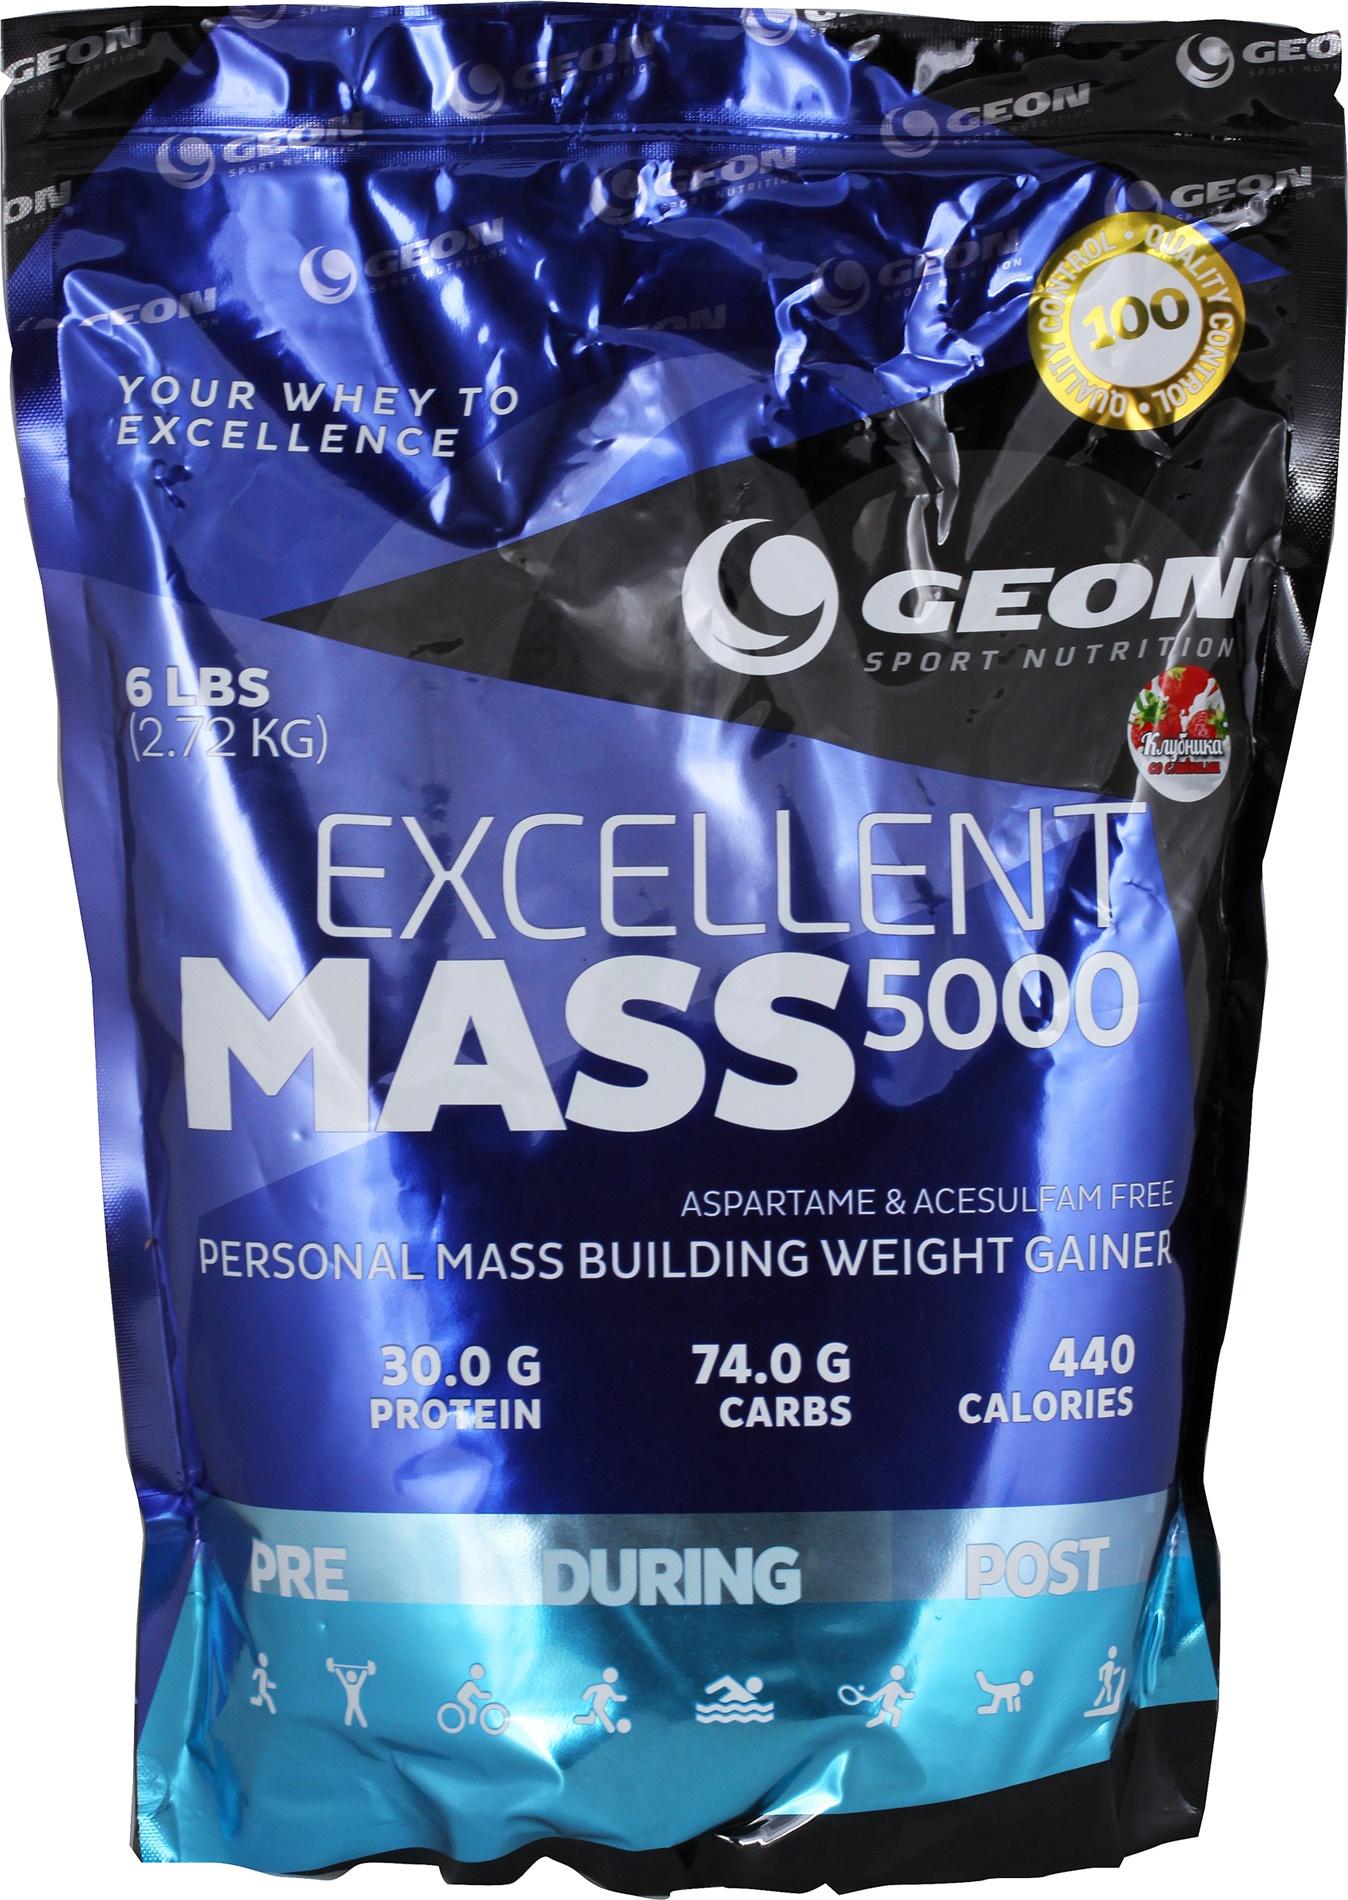 Гейнер Geon Excellent Mass 5000 2720 г клубника со сливками фото